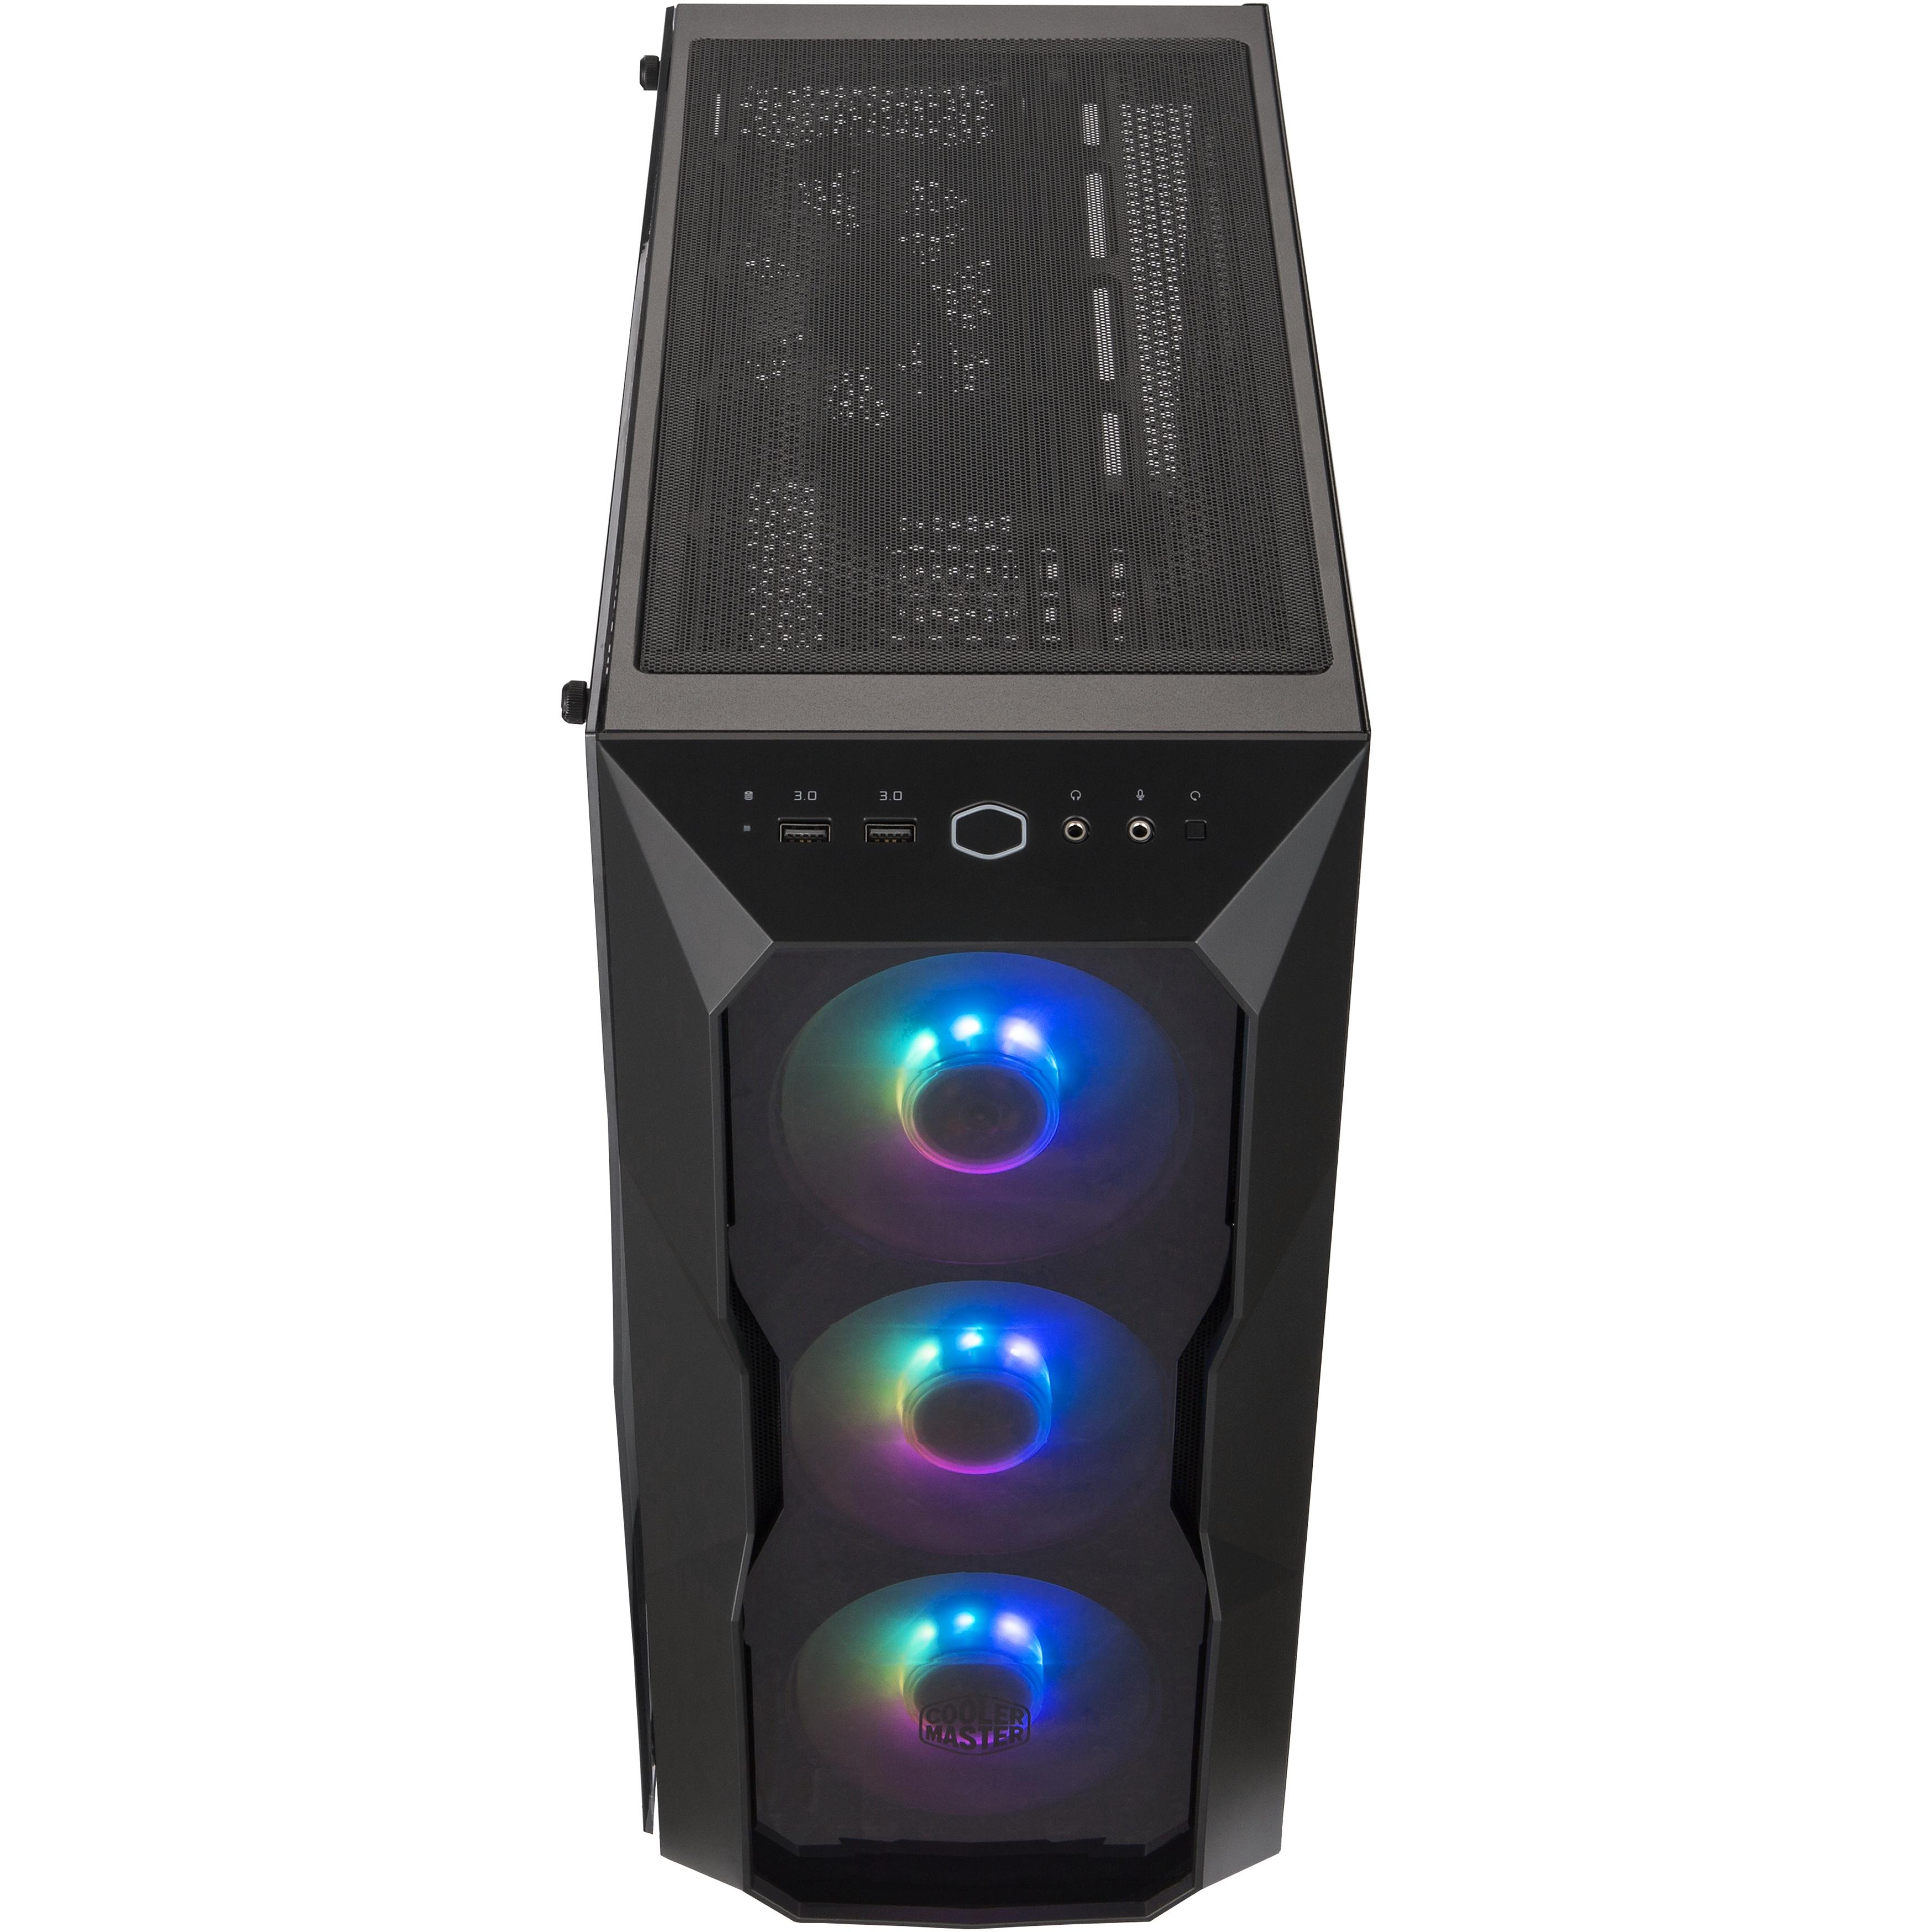 Case masterbox td500 acrylic argb, 2usb3,2xcombo 2.5/3.5,4x2.5,3x120mm argb fr.fans+120mm r.fan,rad. supp.,controller,no psu